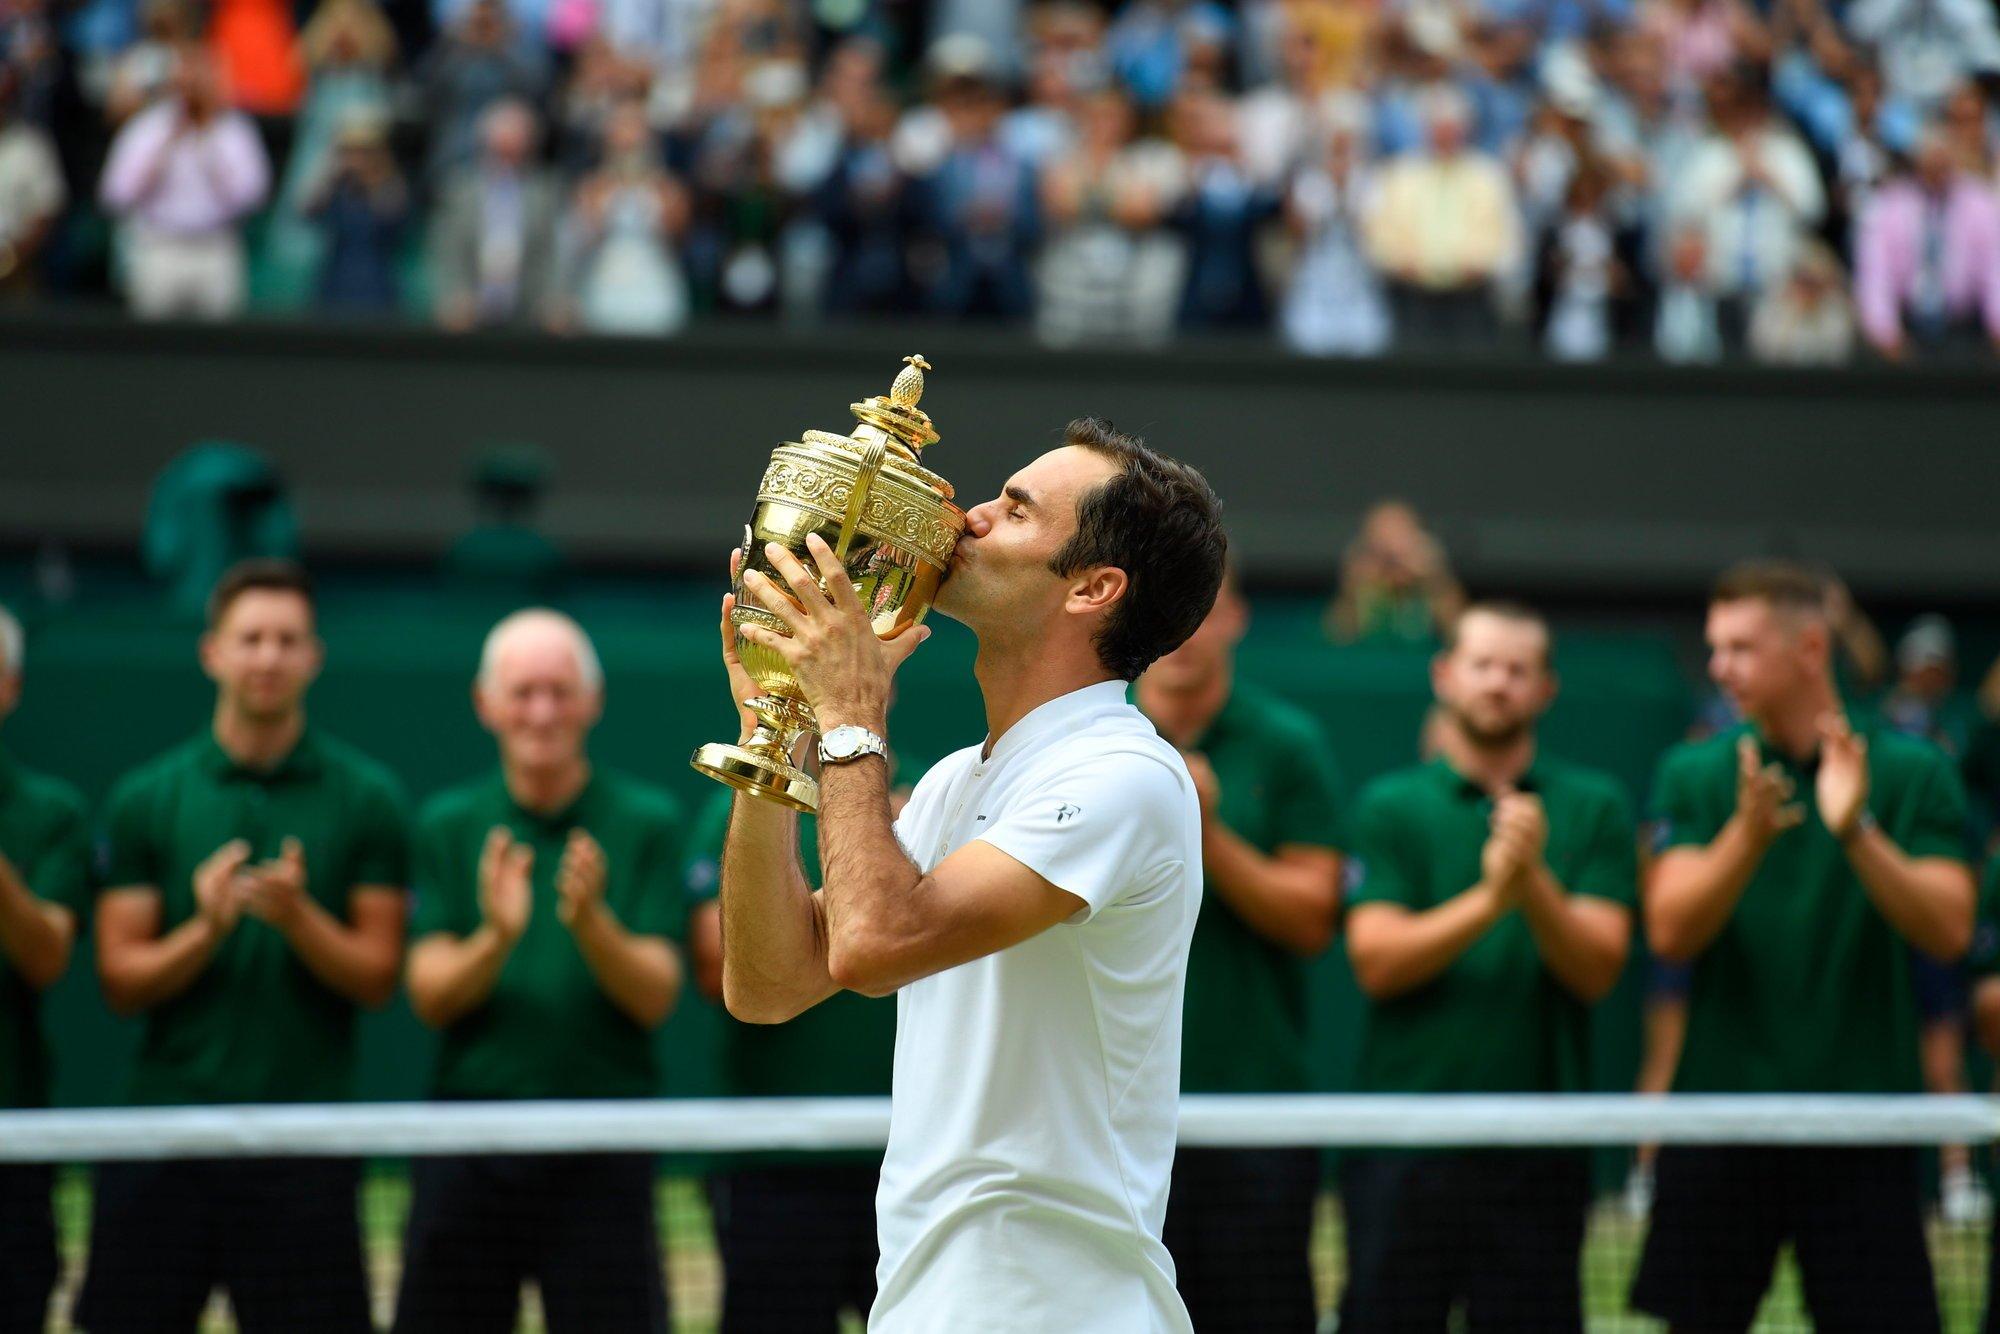 Уимблдон. Федерер улучшил рекорд Сампраса, не отдав при этом ни одного сета на турнире (видео)